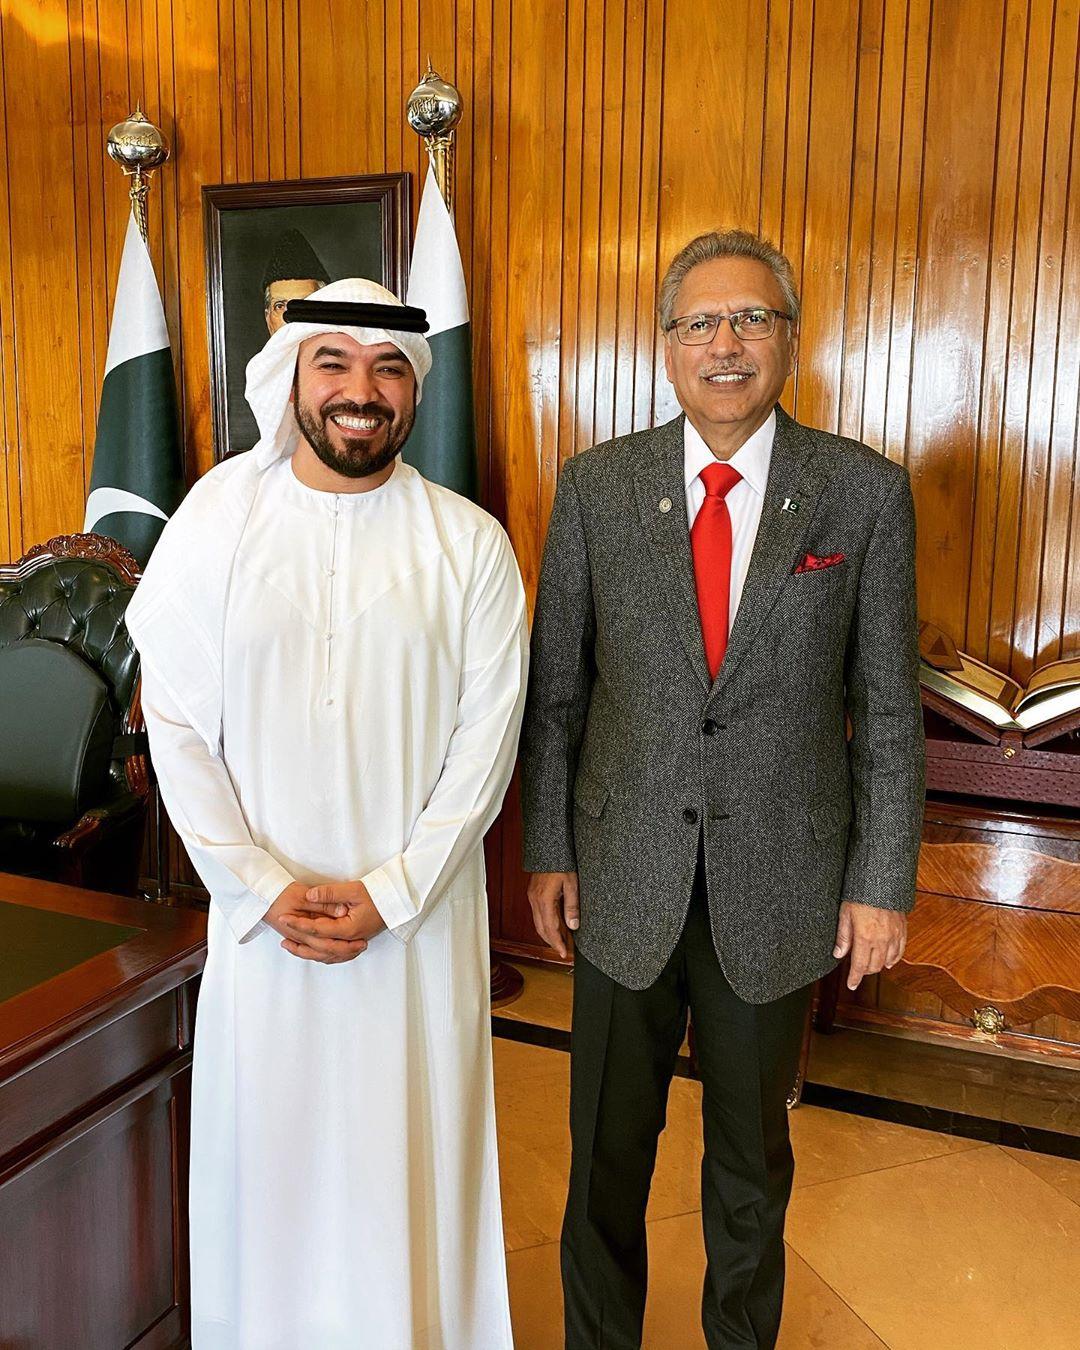 خالد العامري يلتقي الرئيس الباكستاني…وجولة شيّقة في الباكستان!